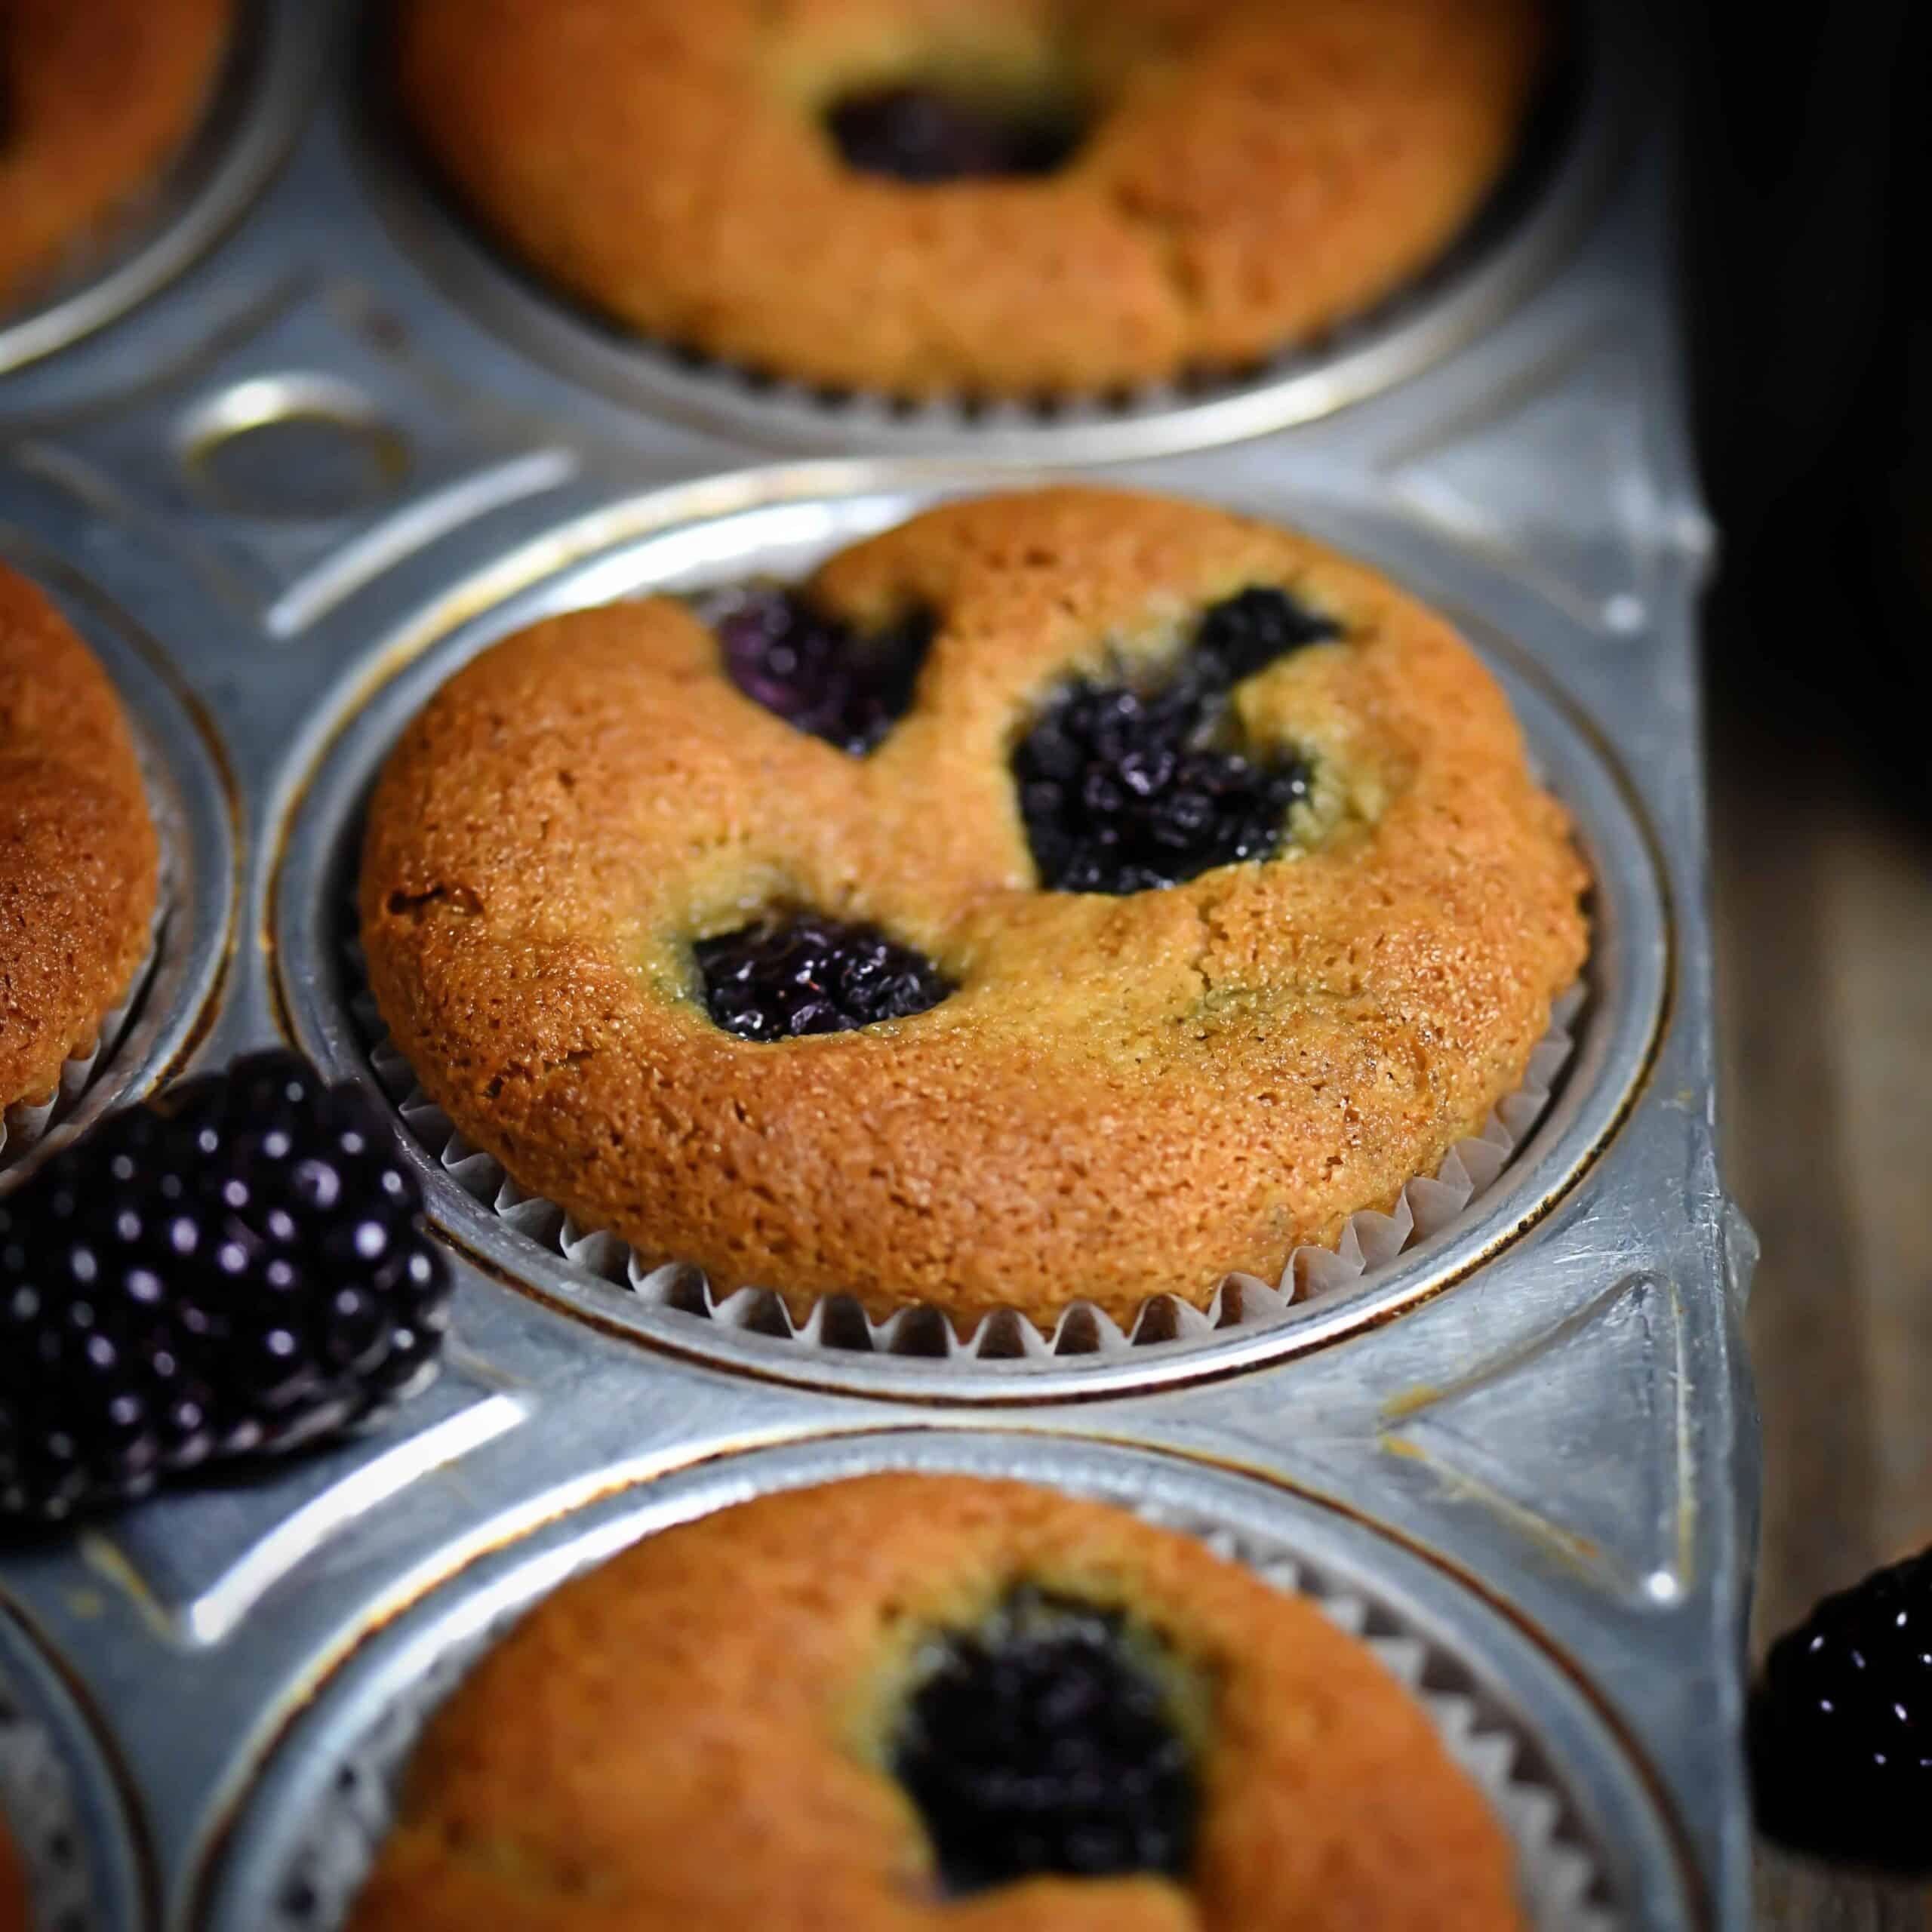 Grain-Free Blackberry Muffin Recipe